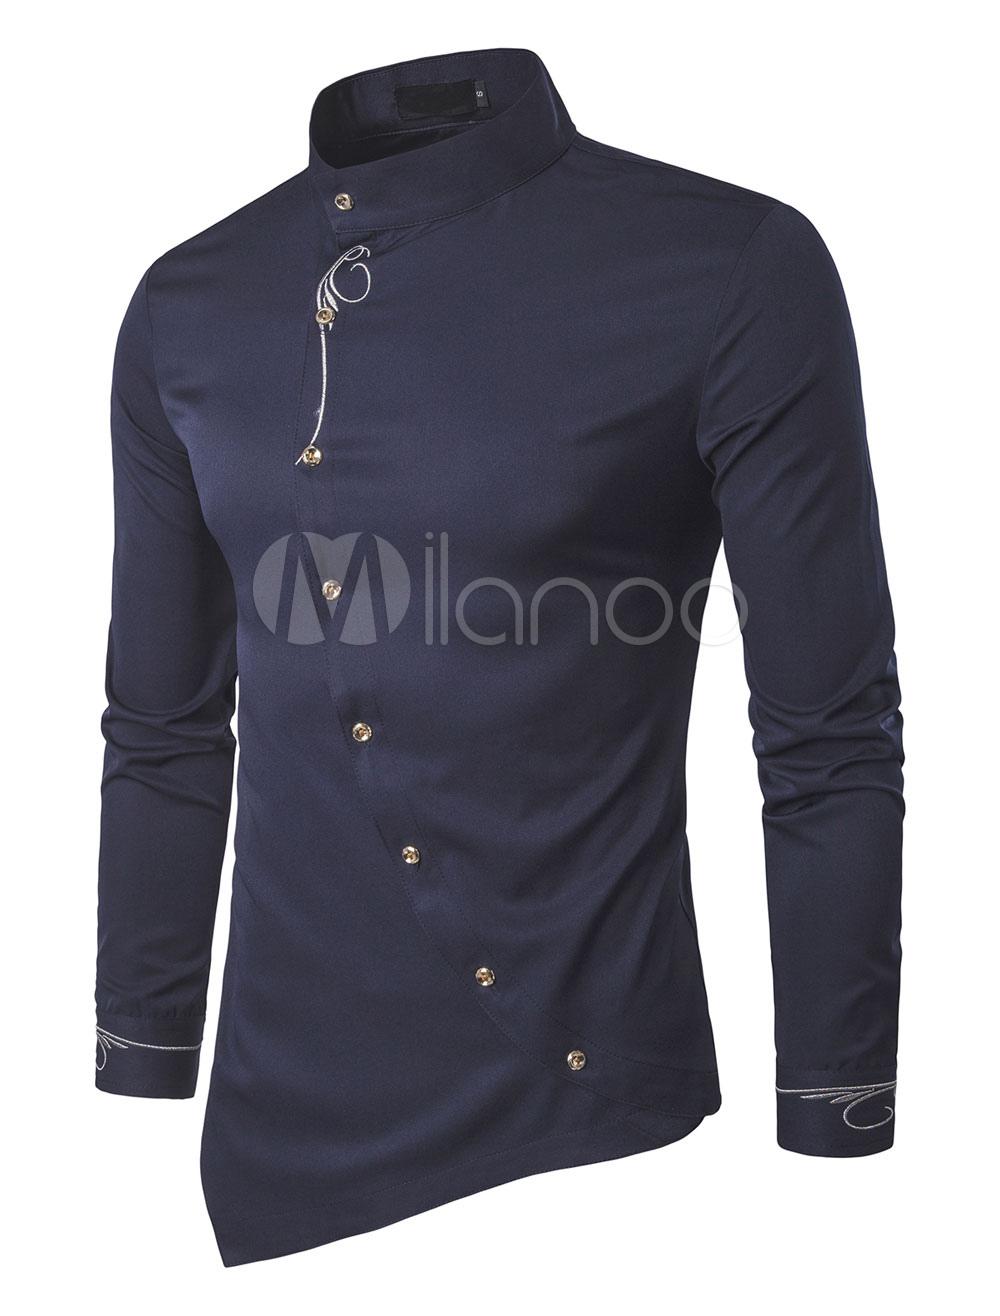 2019 Camiseta Azul Marino Oscuro Hombre Larga Cuello Manga Levantado Irregular Entallada Casual De l1JcT3FK